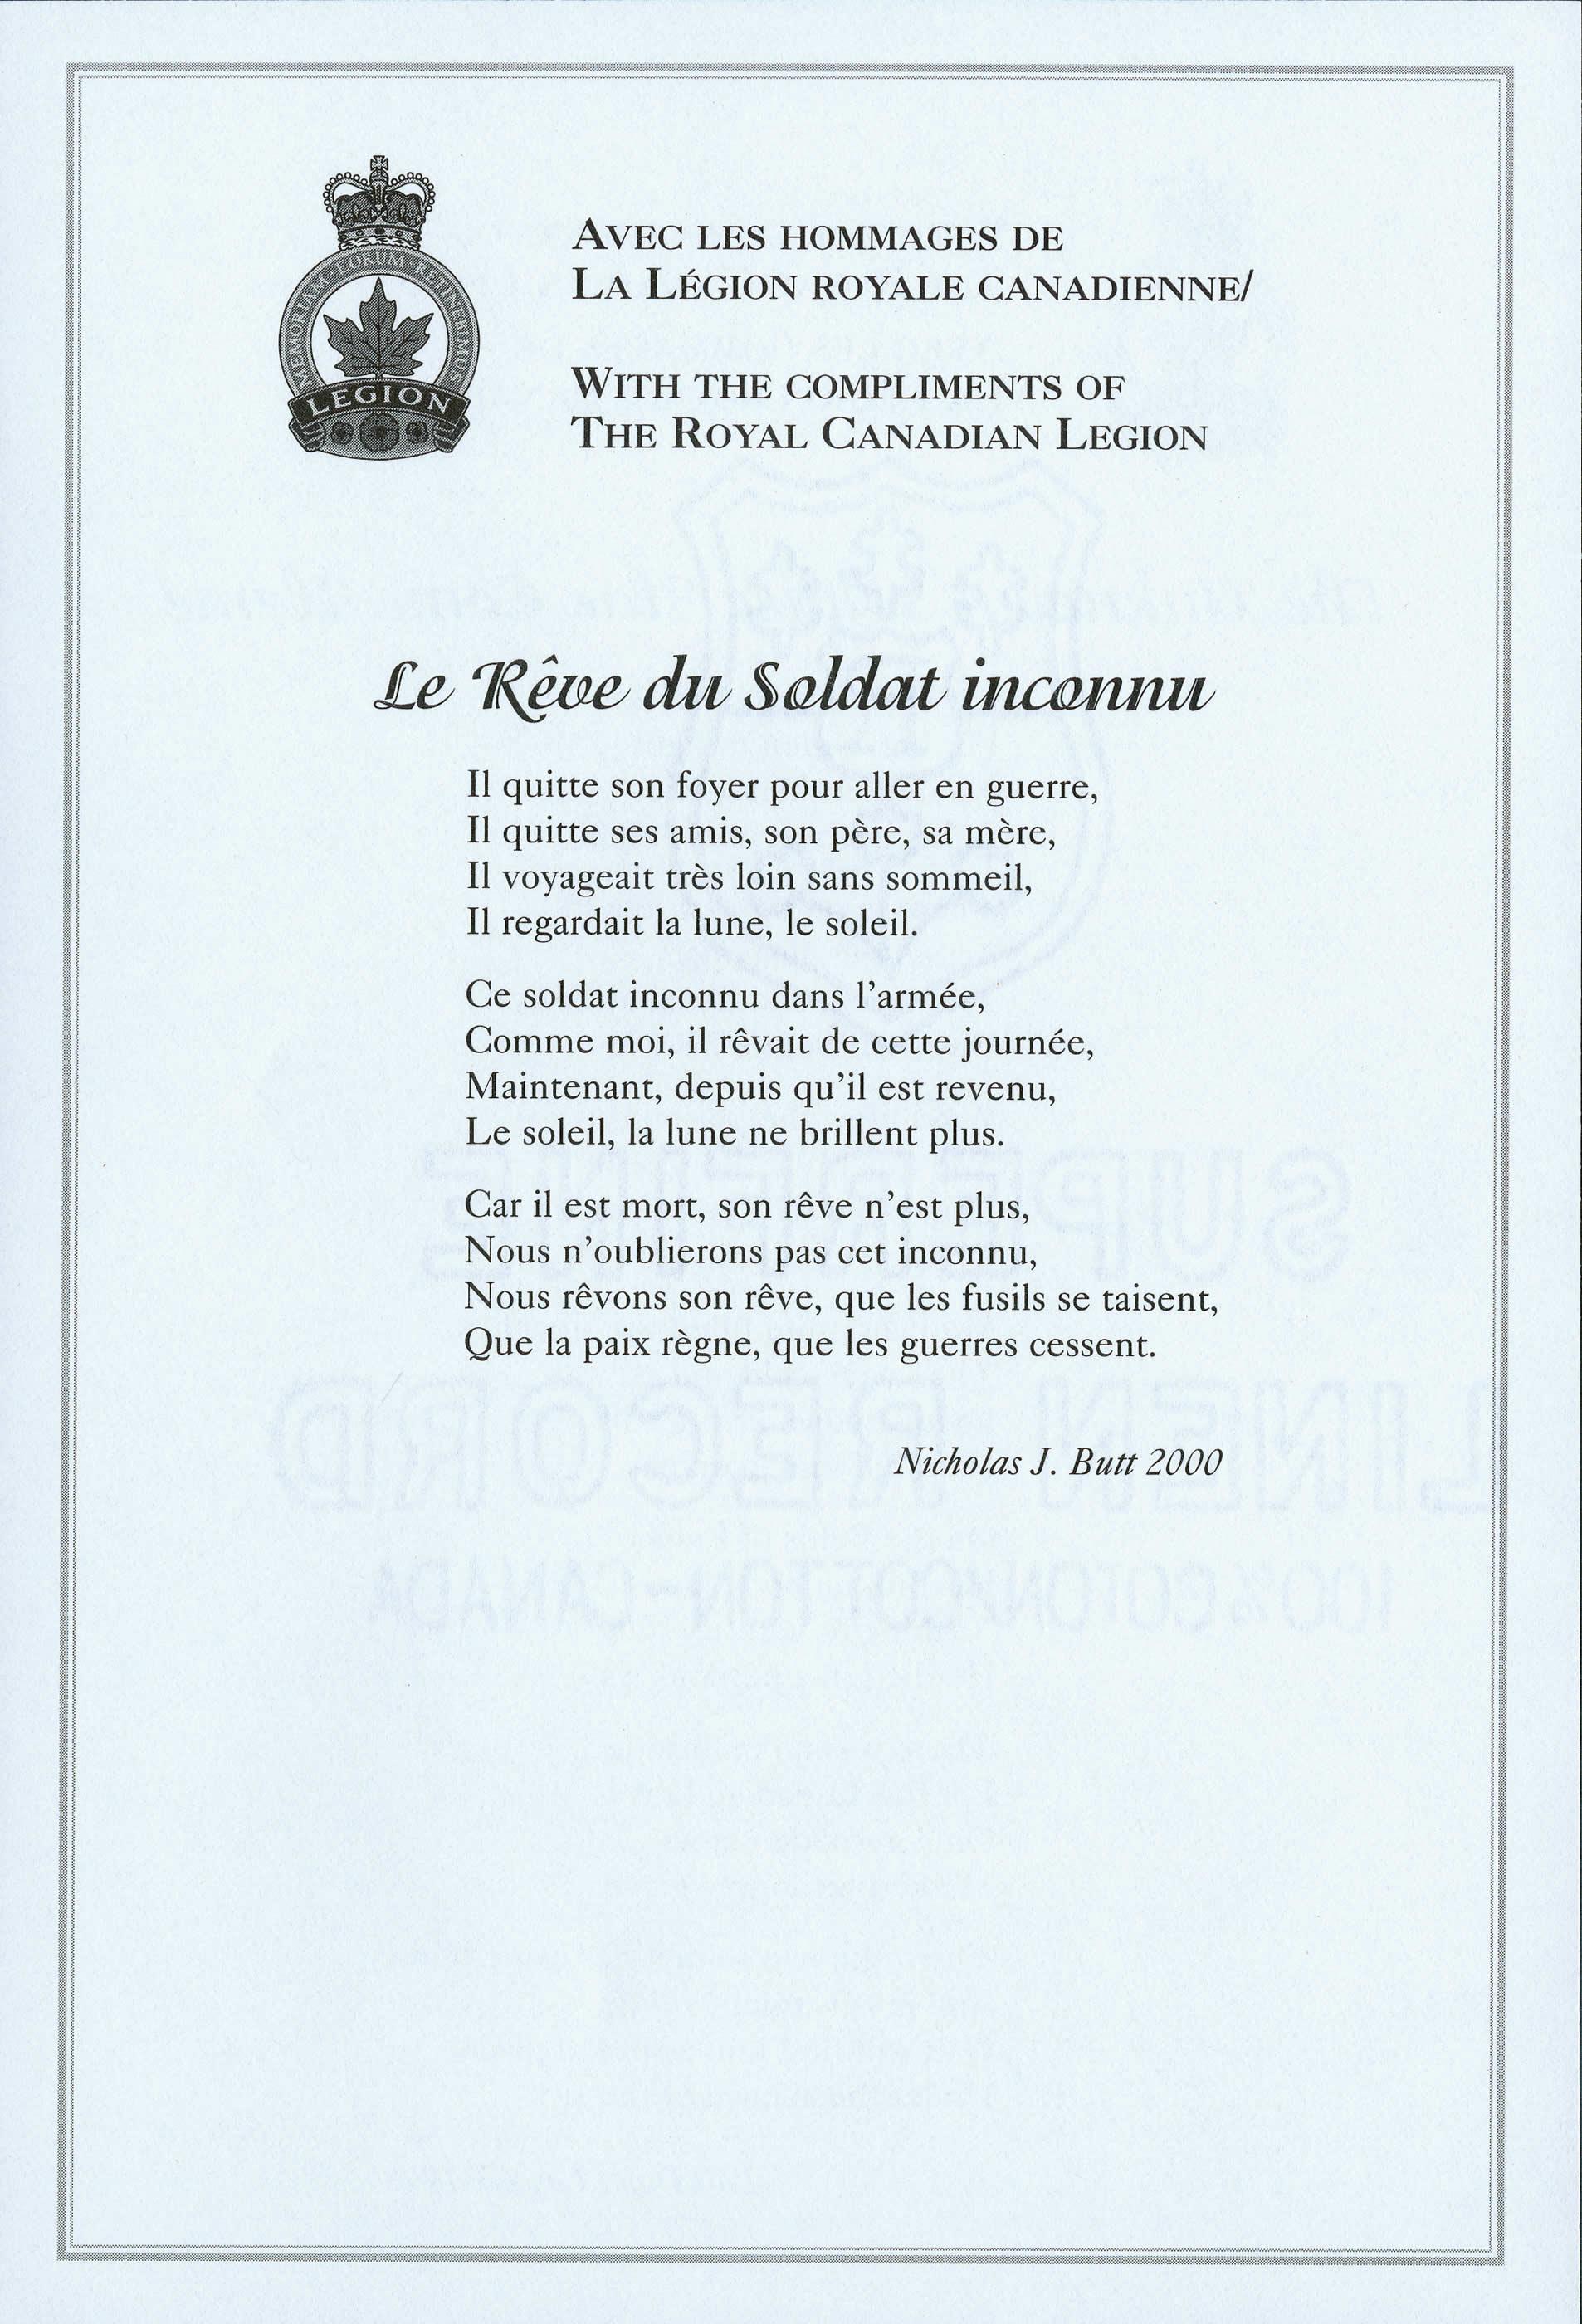 <i>Le Rêve du Soldat inconnu</i>